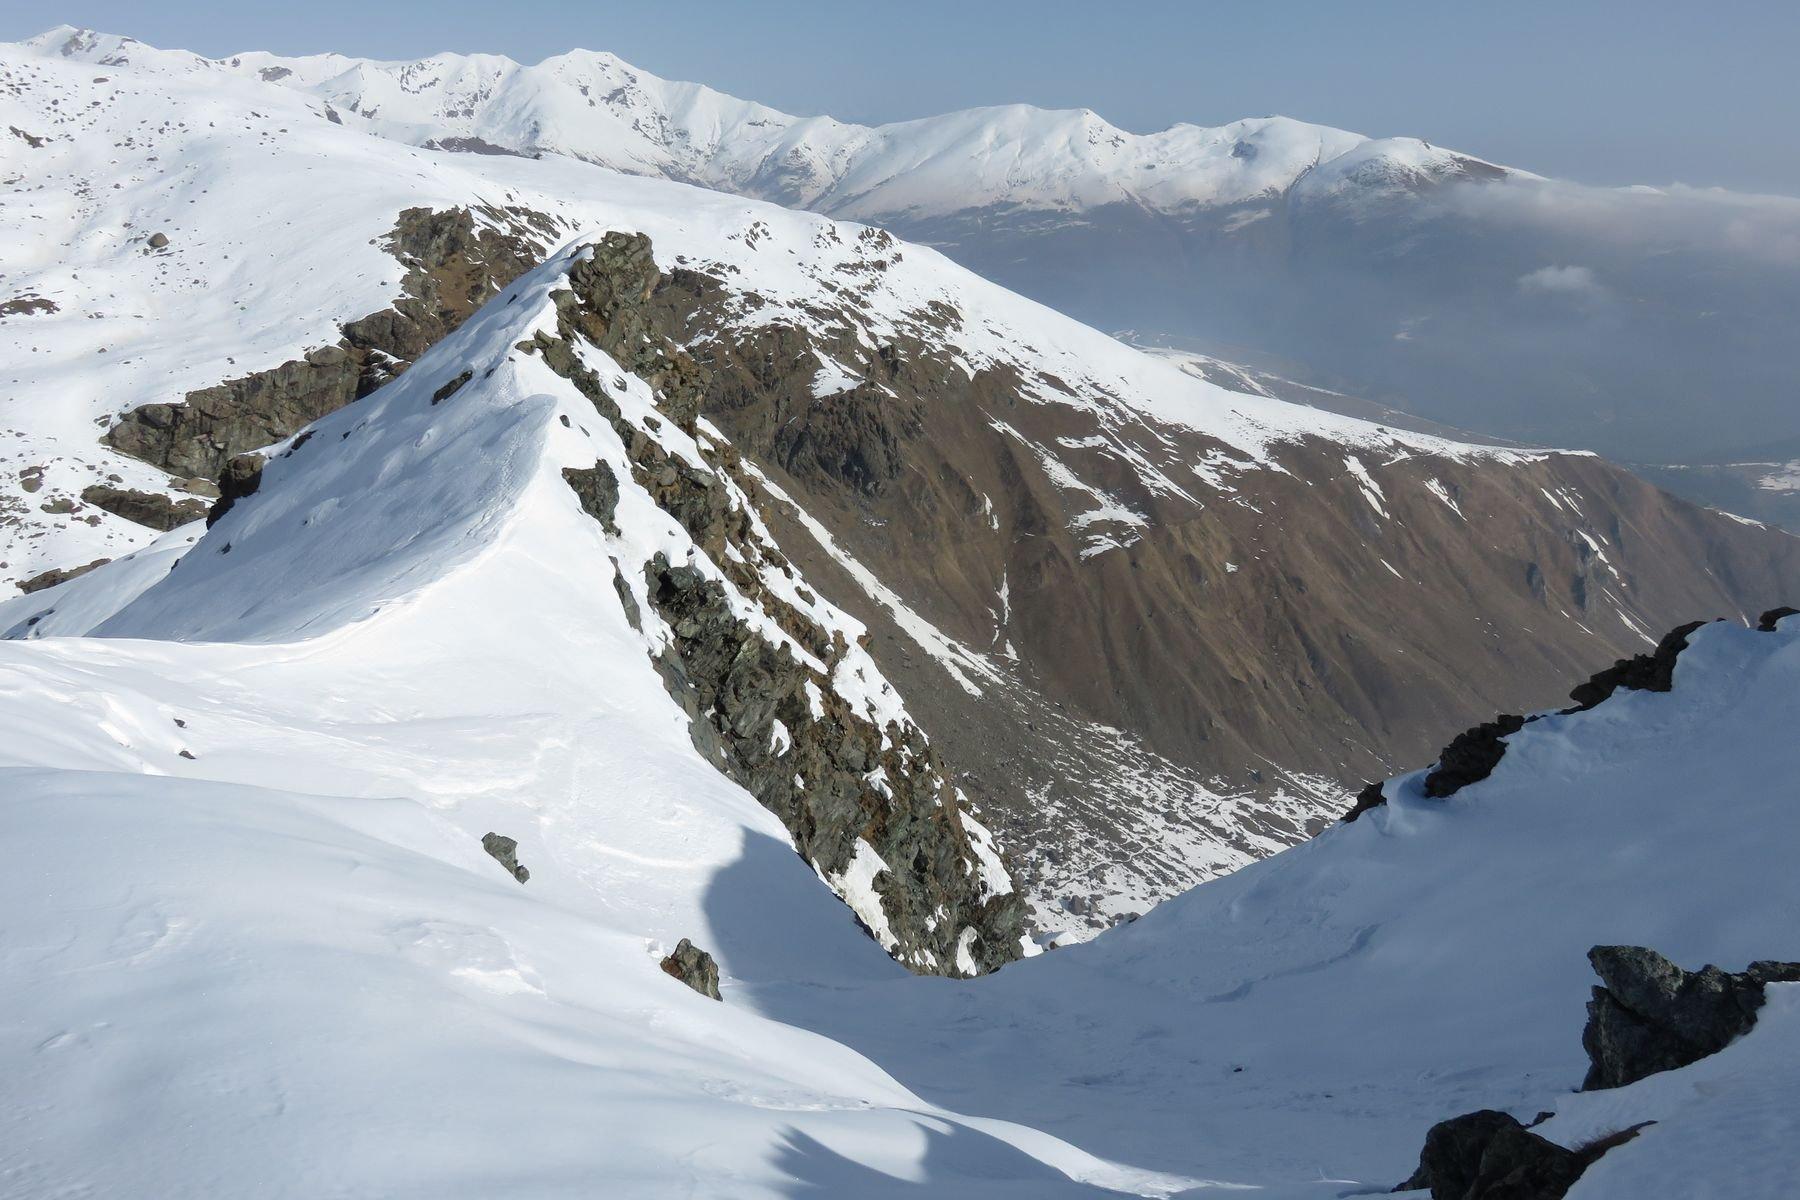 alla sella fra la cima e l'anticima nord (sulla sx)